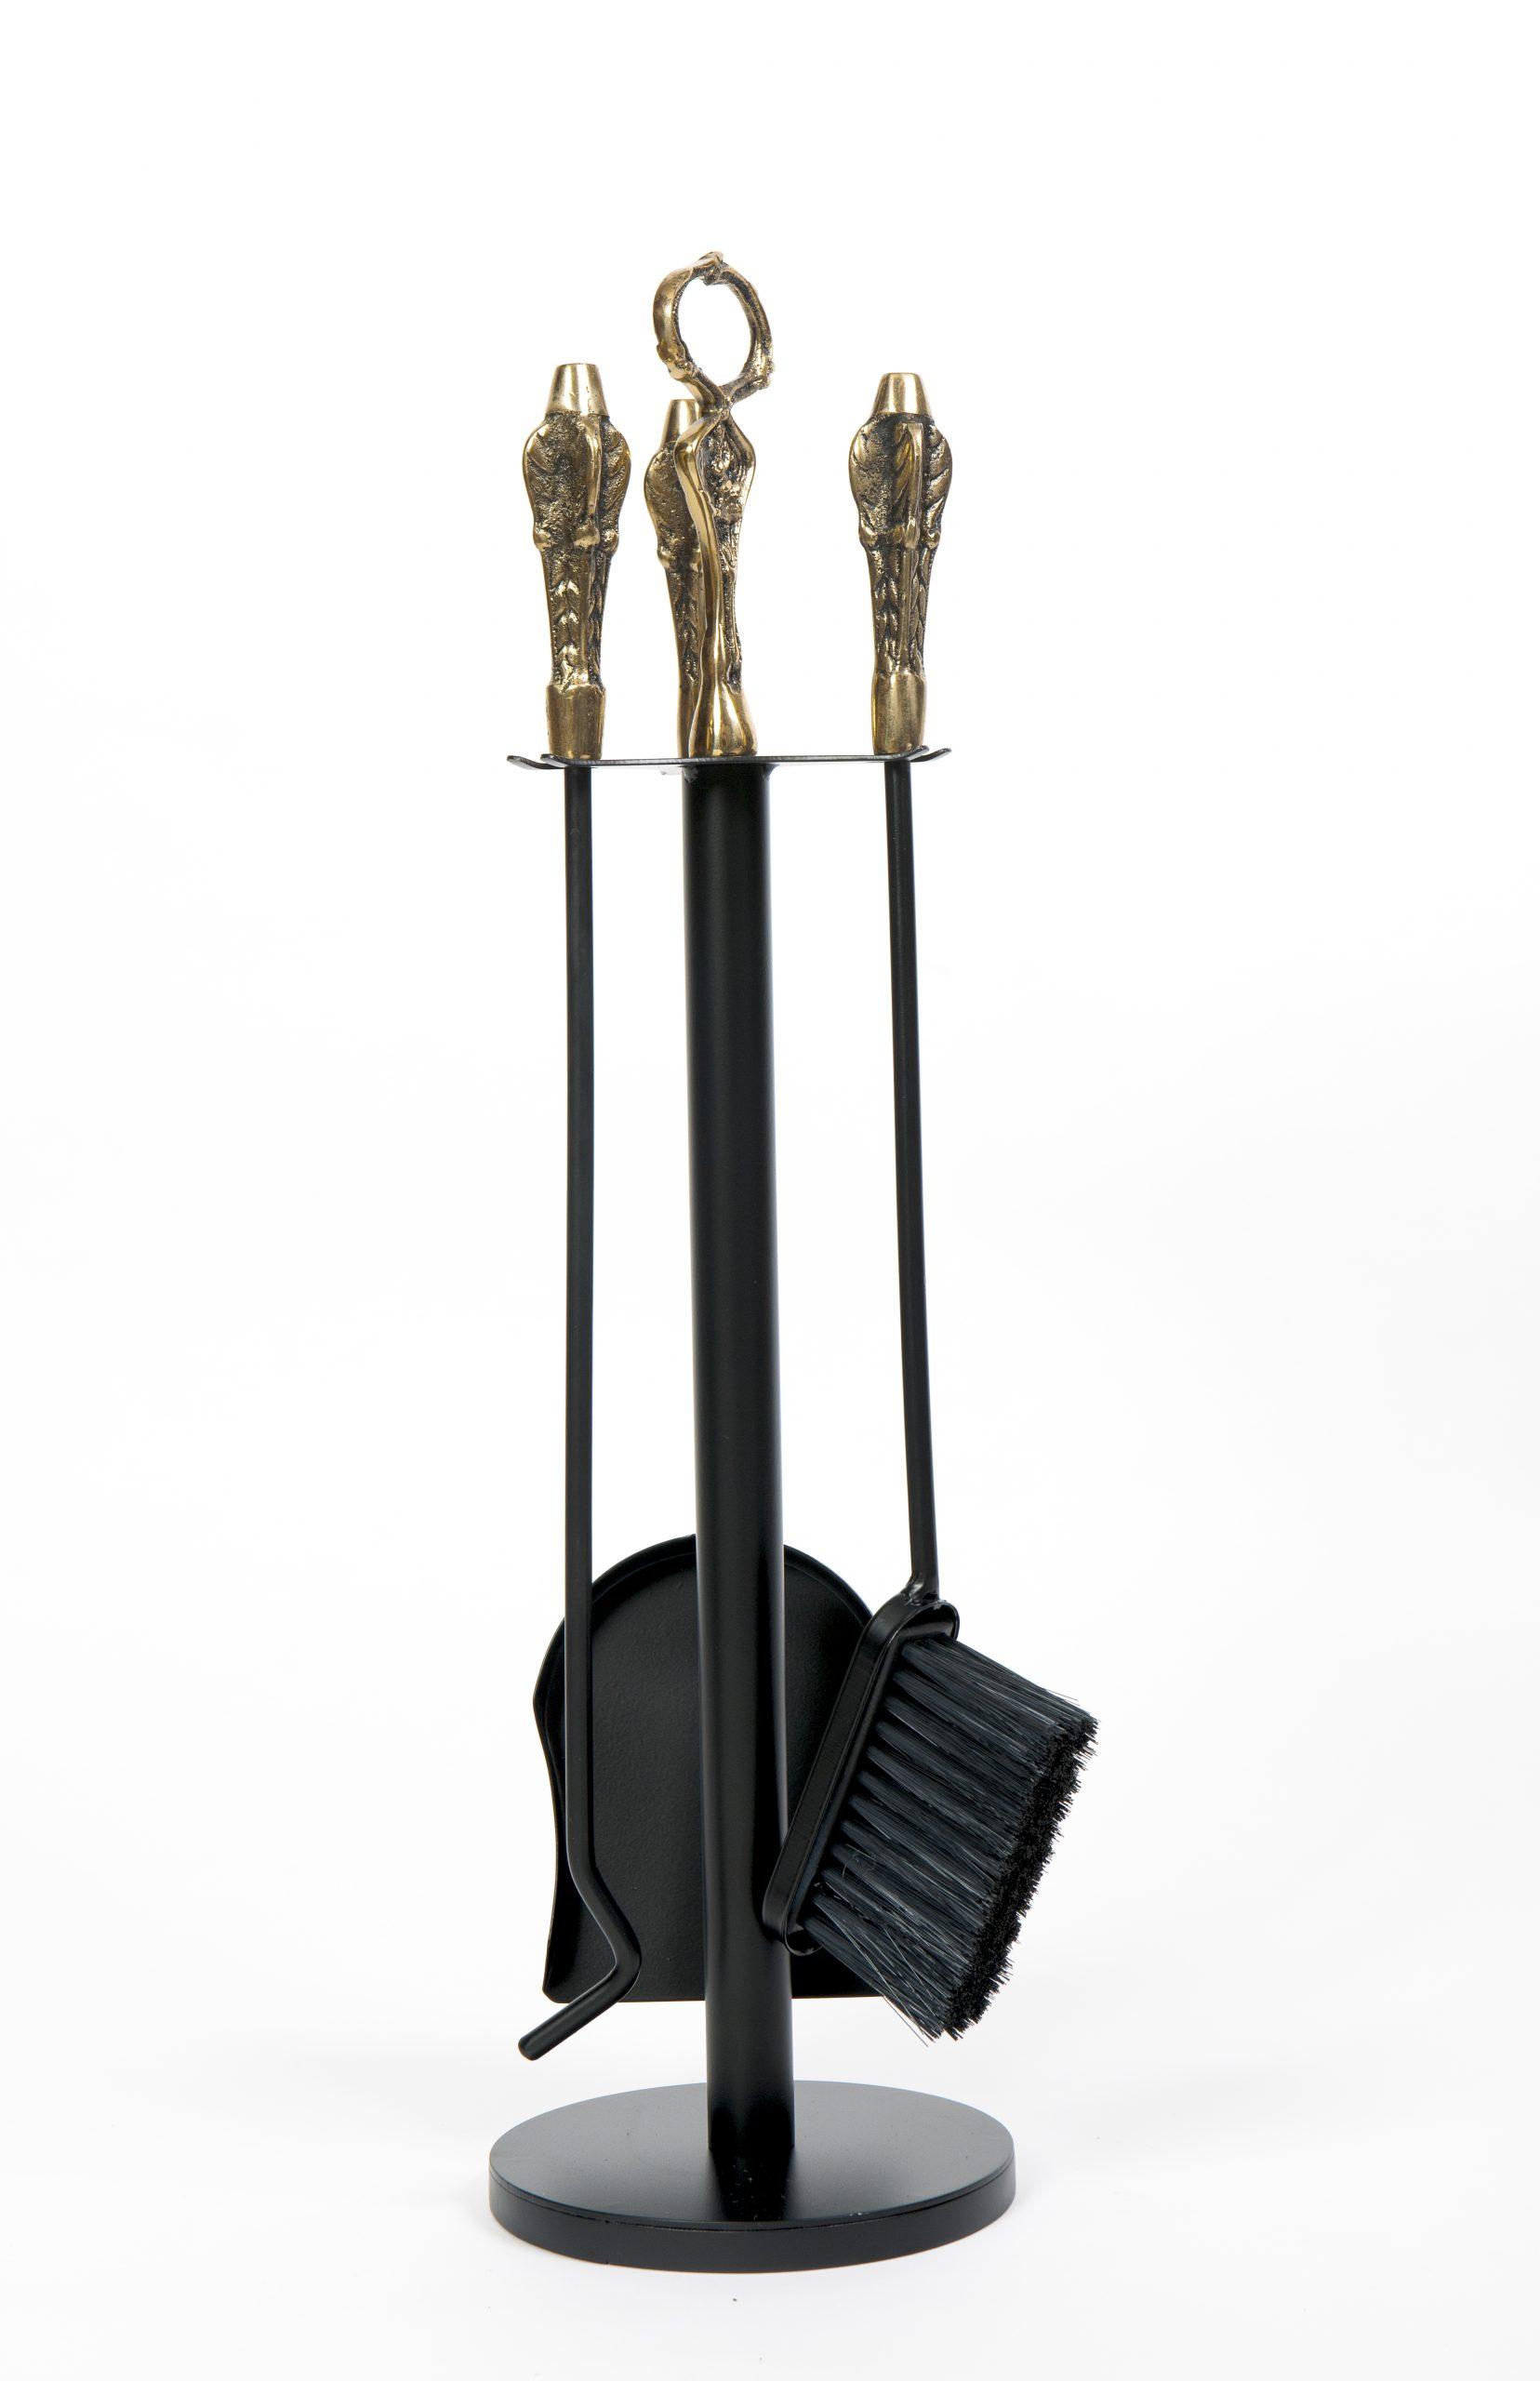 Kit de limpeza para lareira P cabo de bronze (Cód. 264)